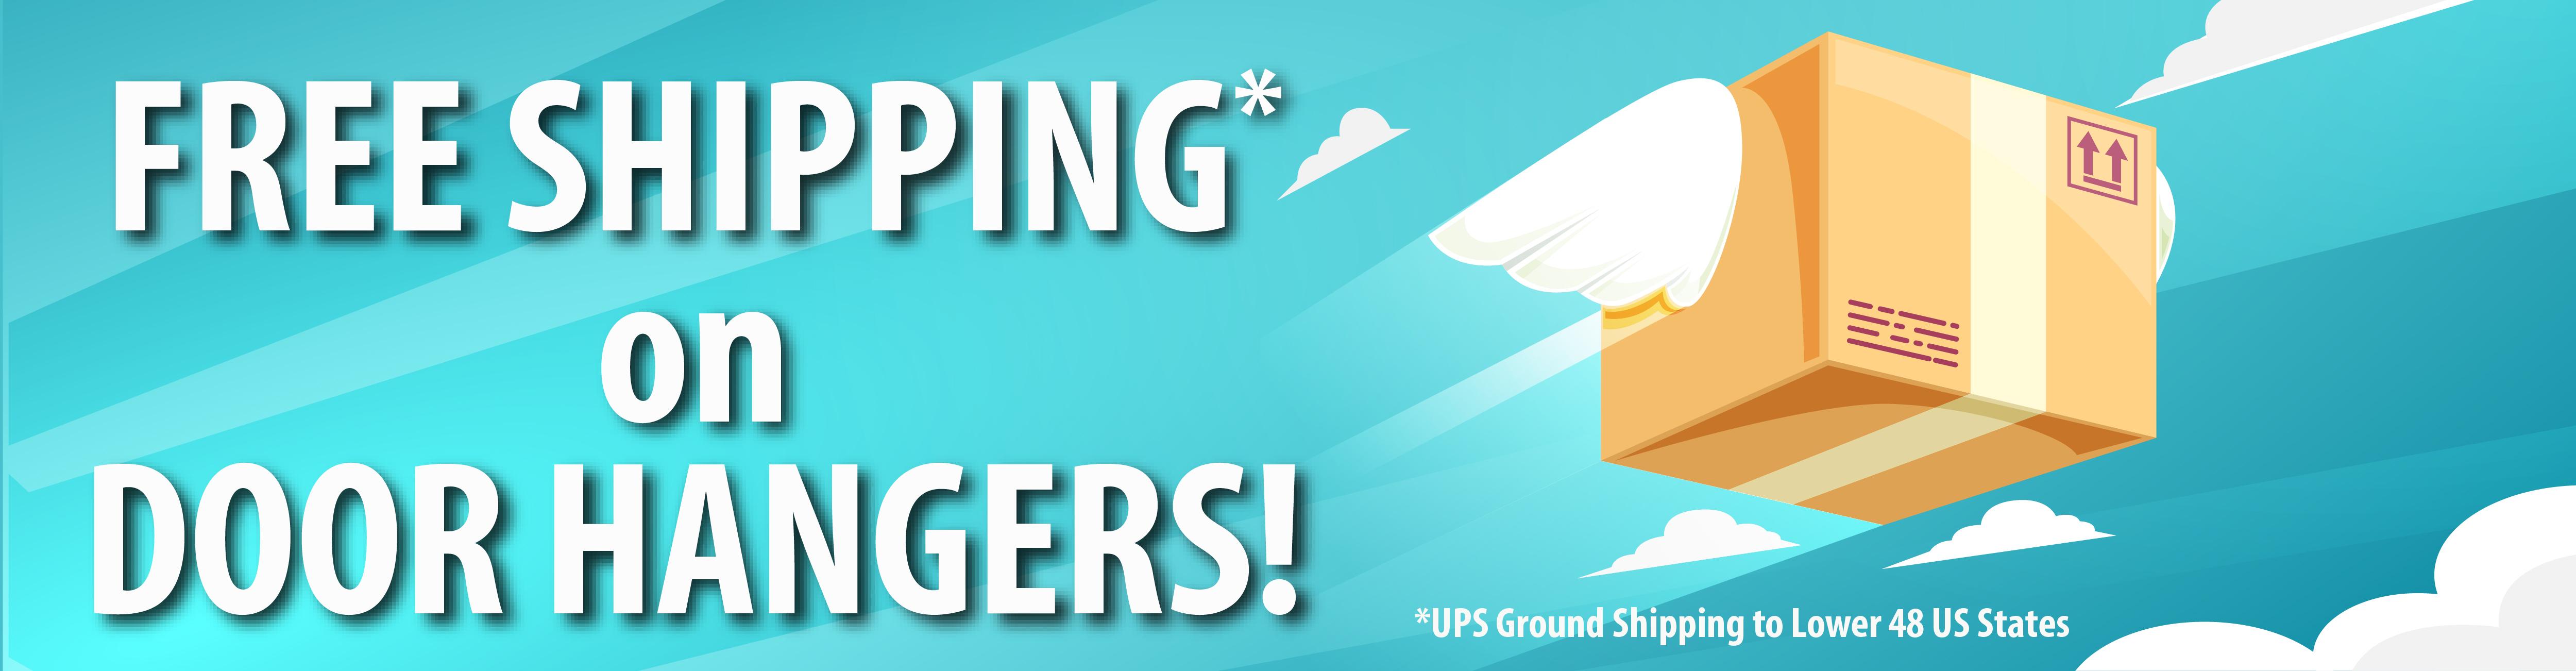 Free Shipping on Door Hangers